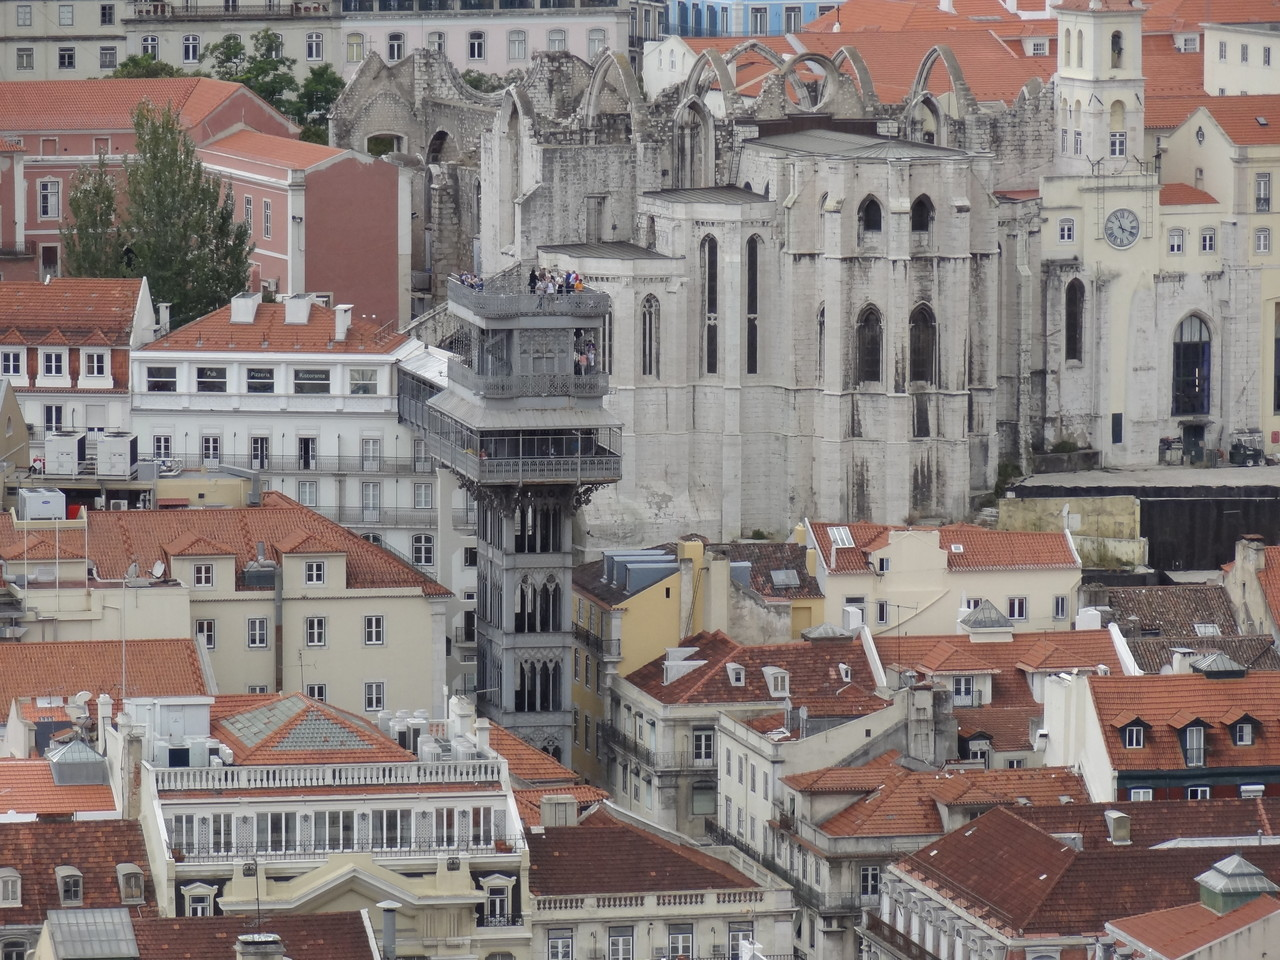 Blick vom Castelo de Sao Jorge